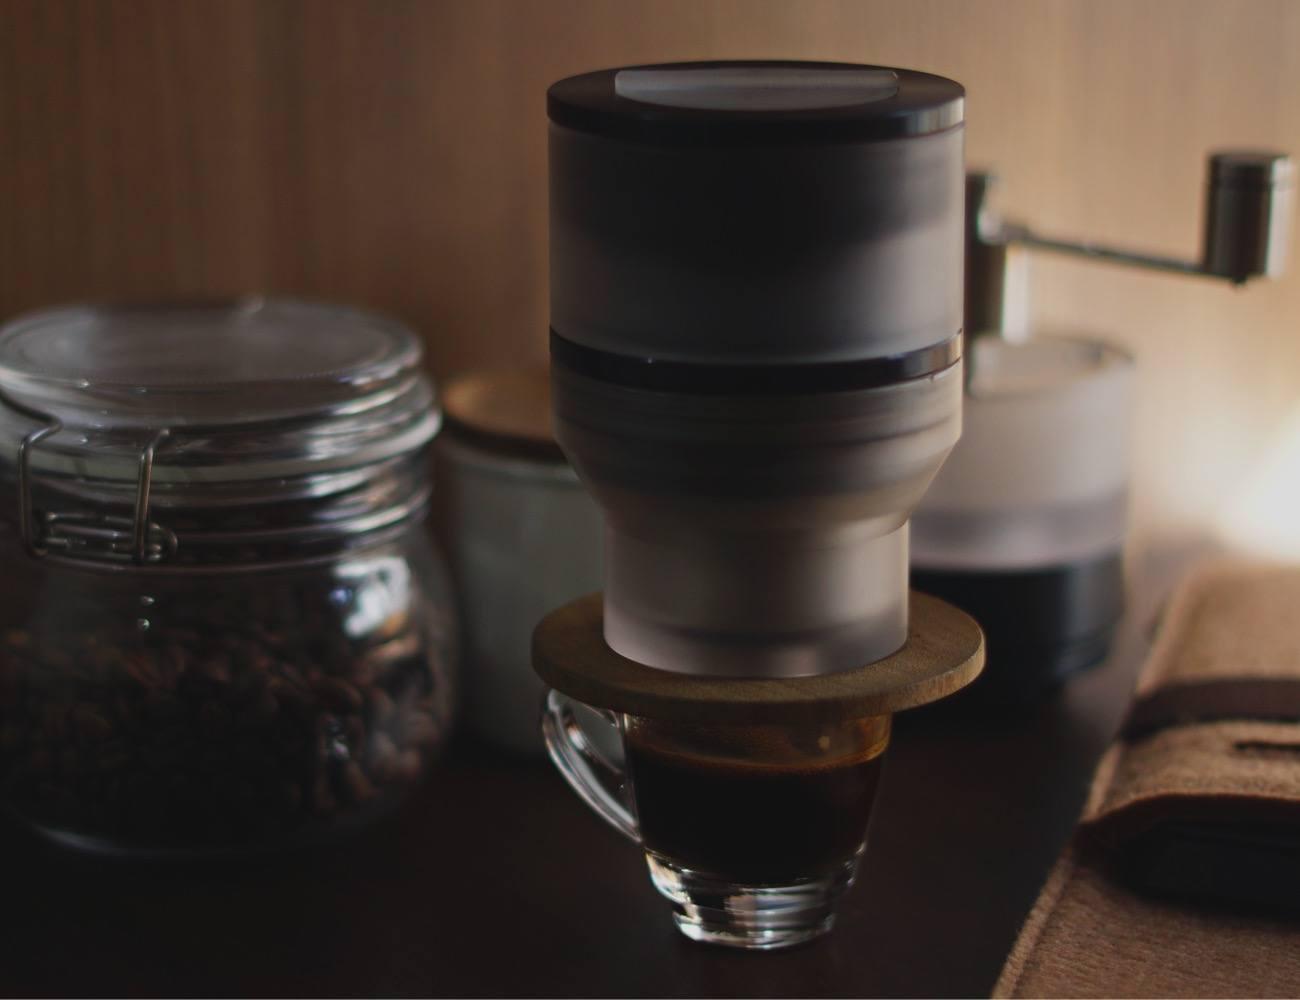 FUSE+Modular+Coffee+Press